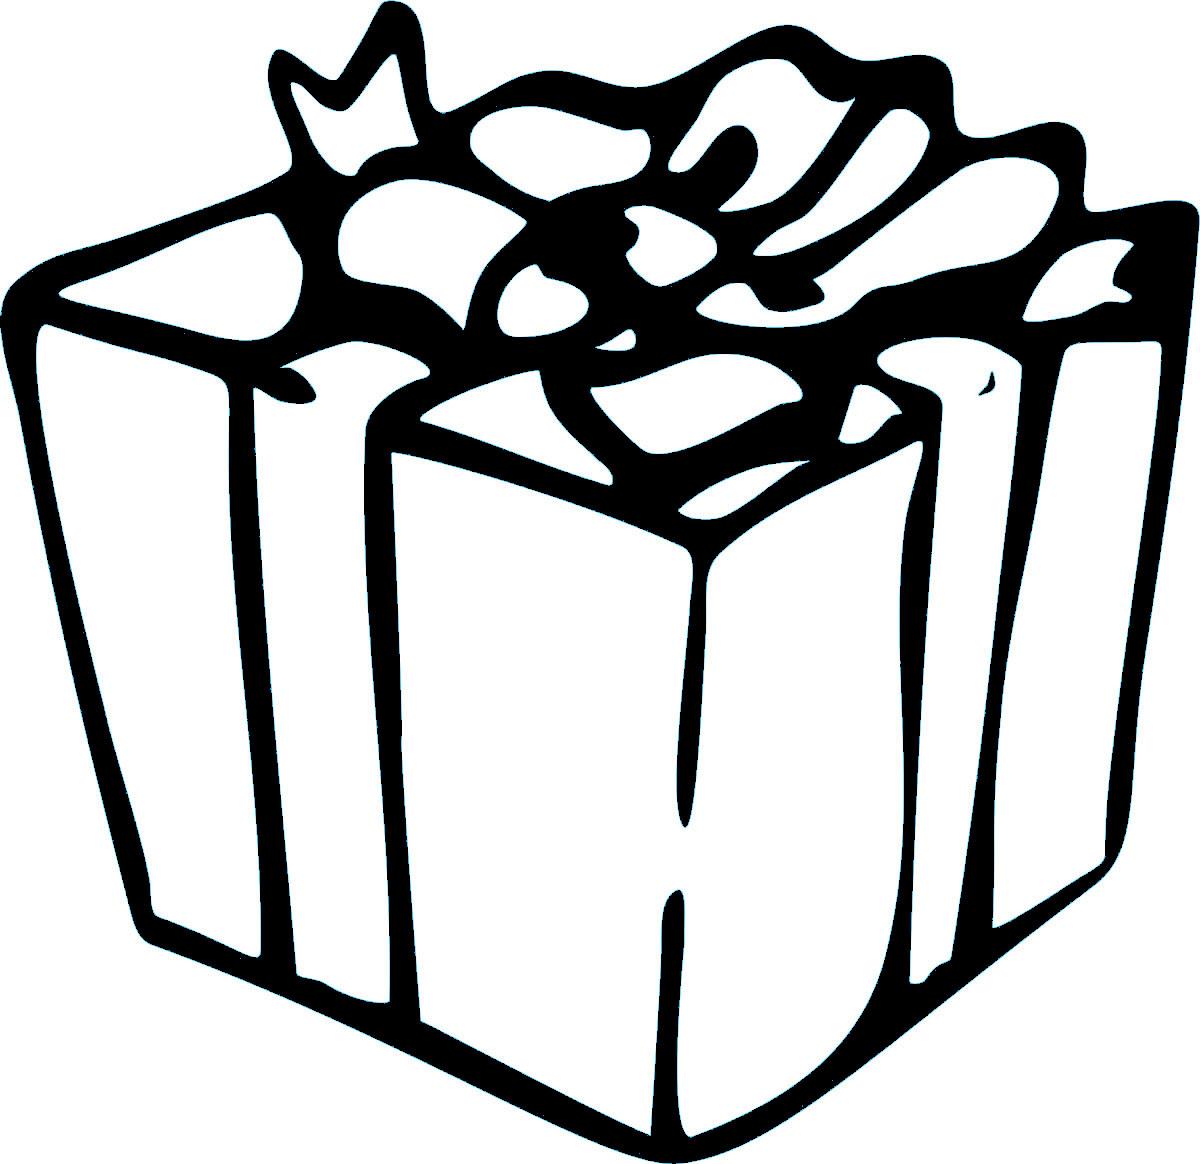 Наклейка автомобильная Оранжевый слоник Подарок в коробке, виниловая, цвет: черныйSC-FD421005Оригинальная наклейка Оранжевый слоник Подарок в коробке изготовлена из высококачественной виниловой пленки, которая выполняет не только декоративную функцию, но и защищает кузов автомобиля от небольших механических повреждений, либо скрывает уже существующие.Виниловые наклейки на автомобиль - это не только красиво, но еще и быстро! Всего за несколько минут вы можете полностью преобразить свой автомобиль, сделать его ярким, необычным, особенным и неповторимым!